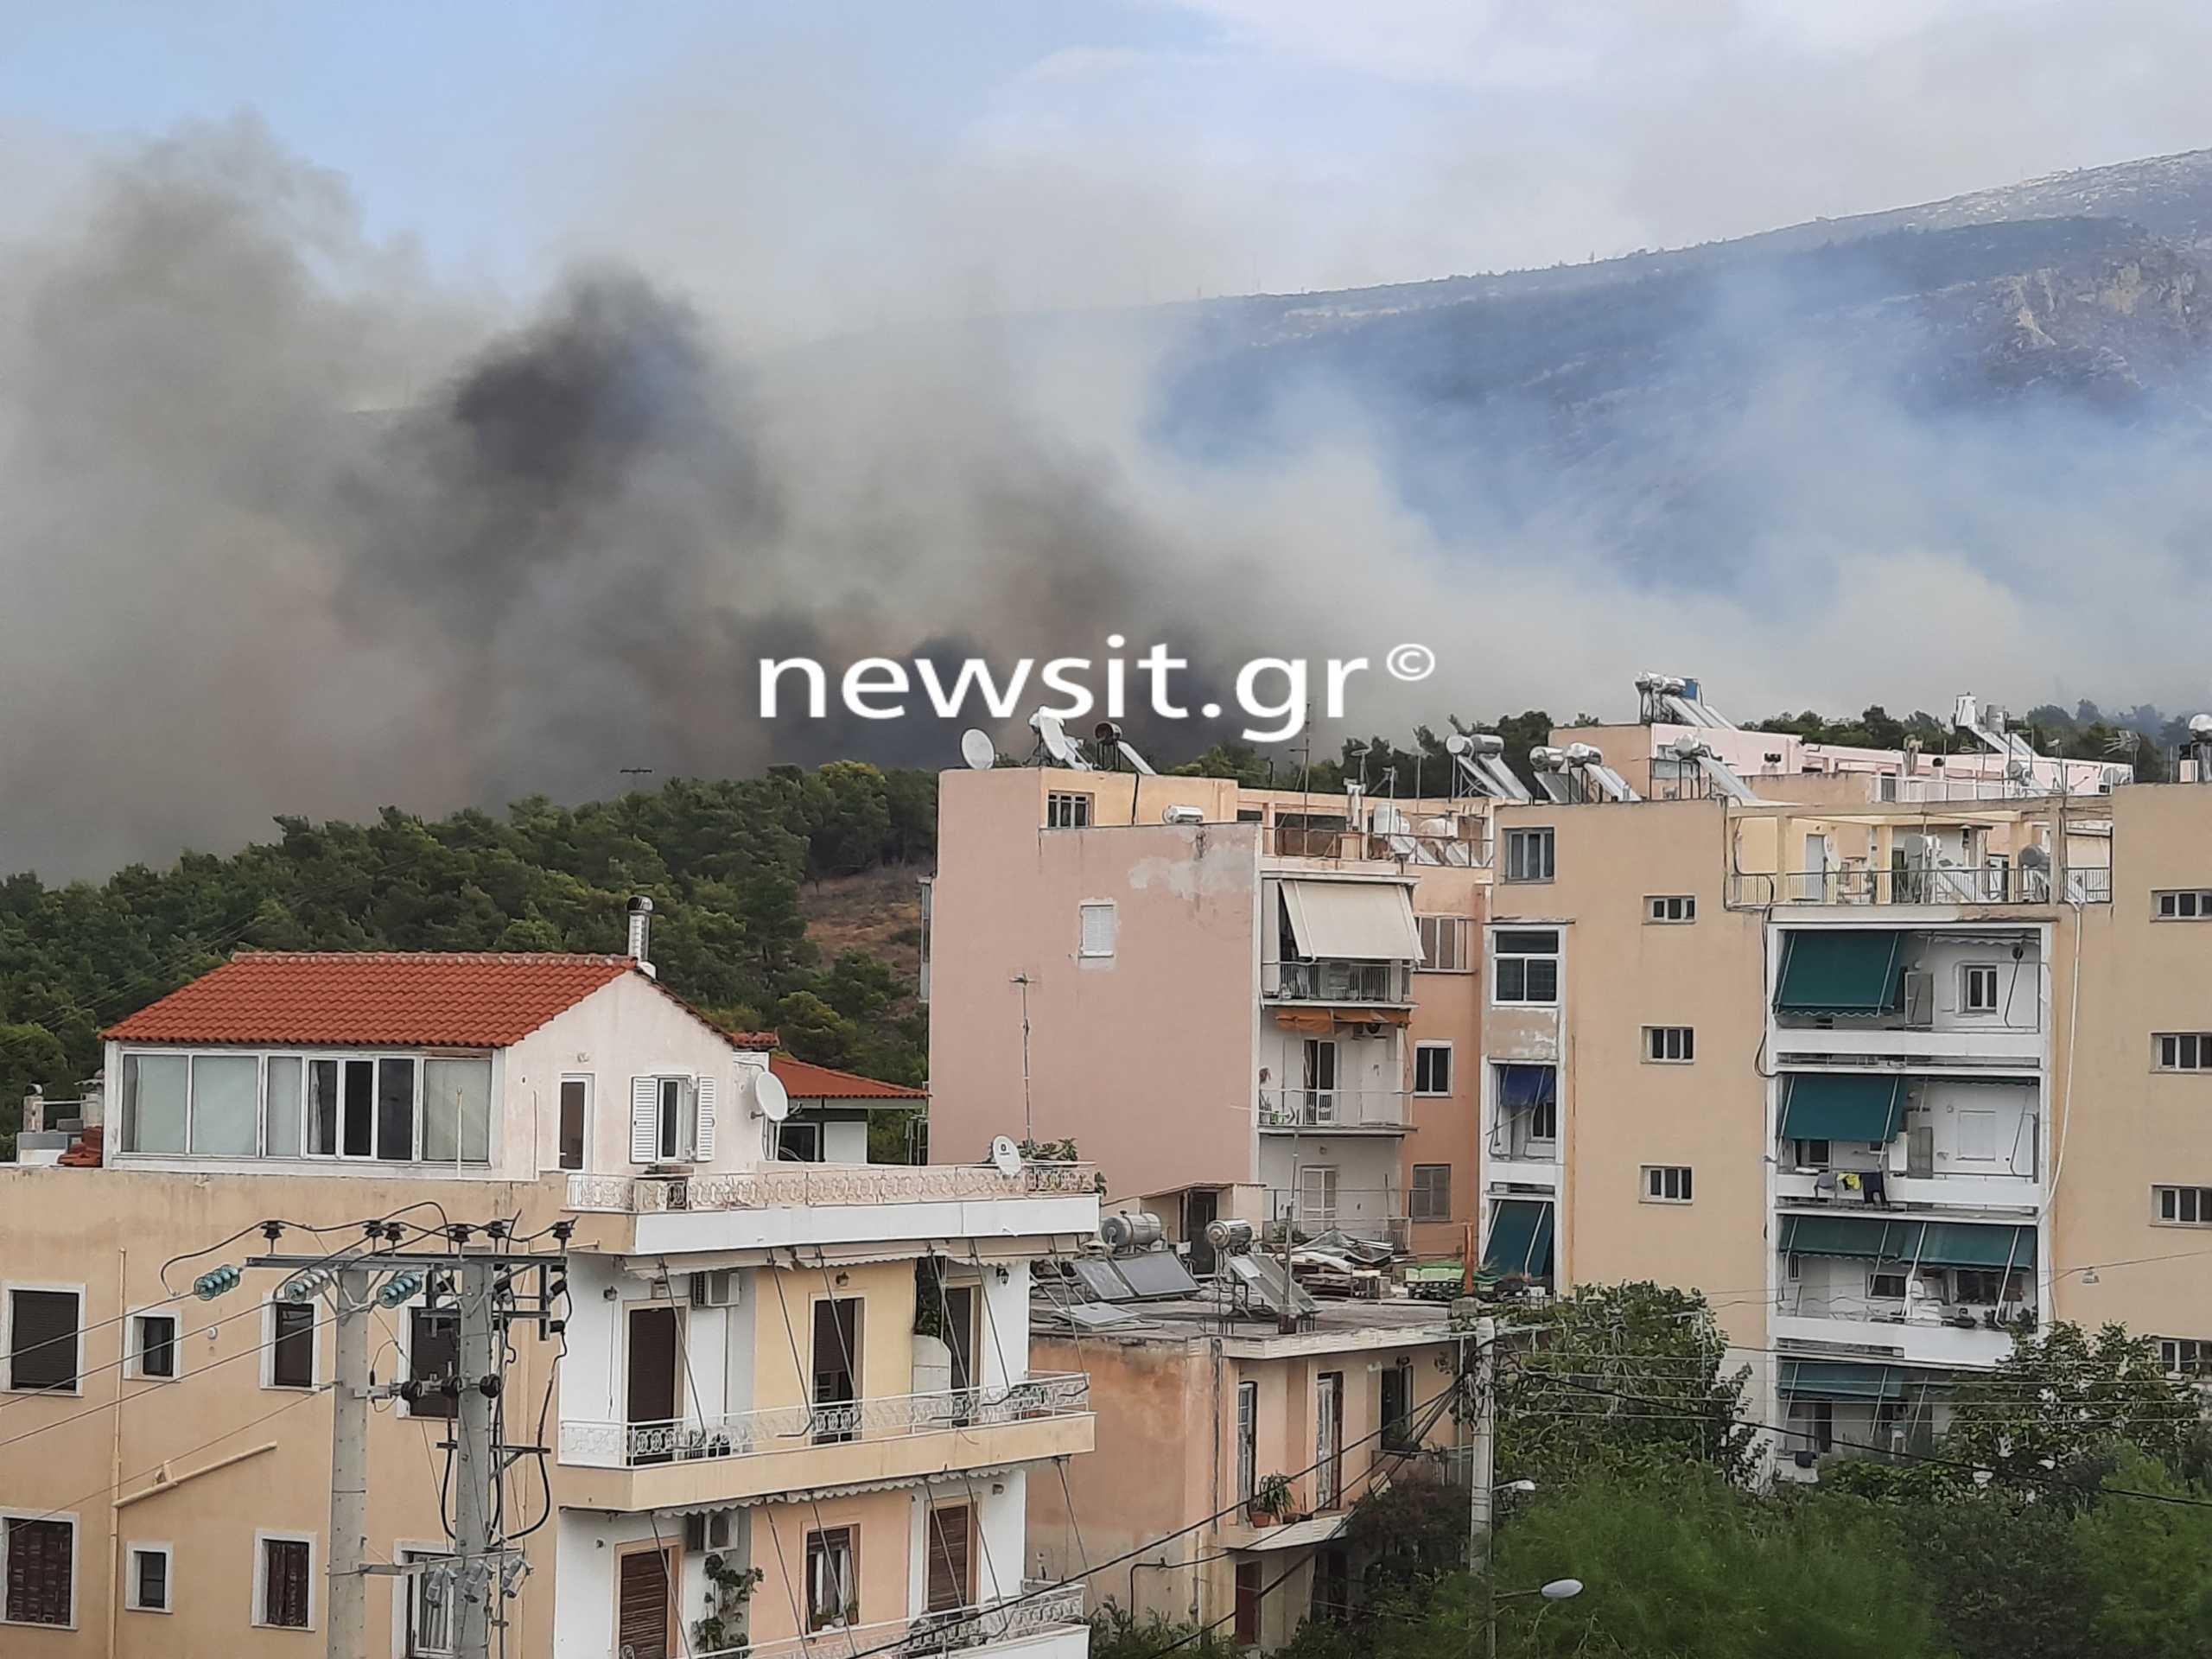 Μεγάλη φωτιά στο Βύρωνα – Πού έχει διακοπεί η κυκλοφορία